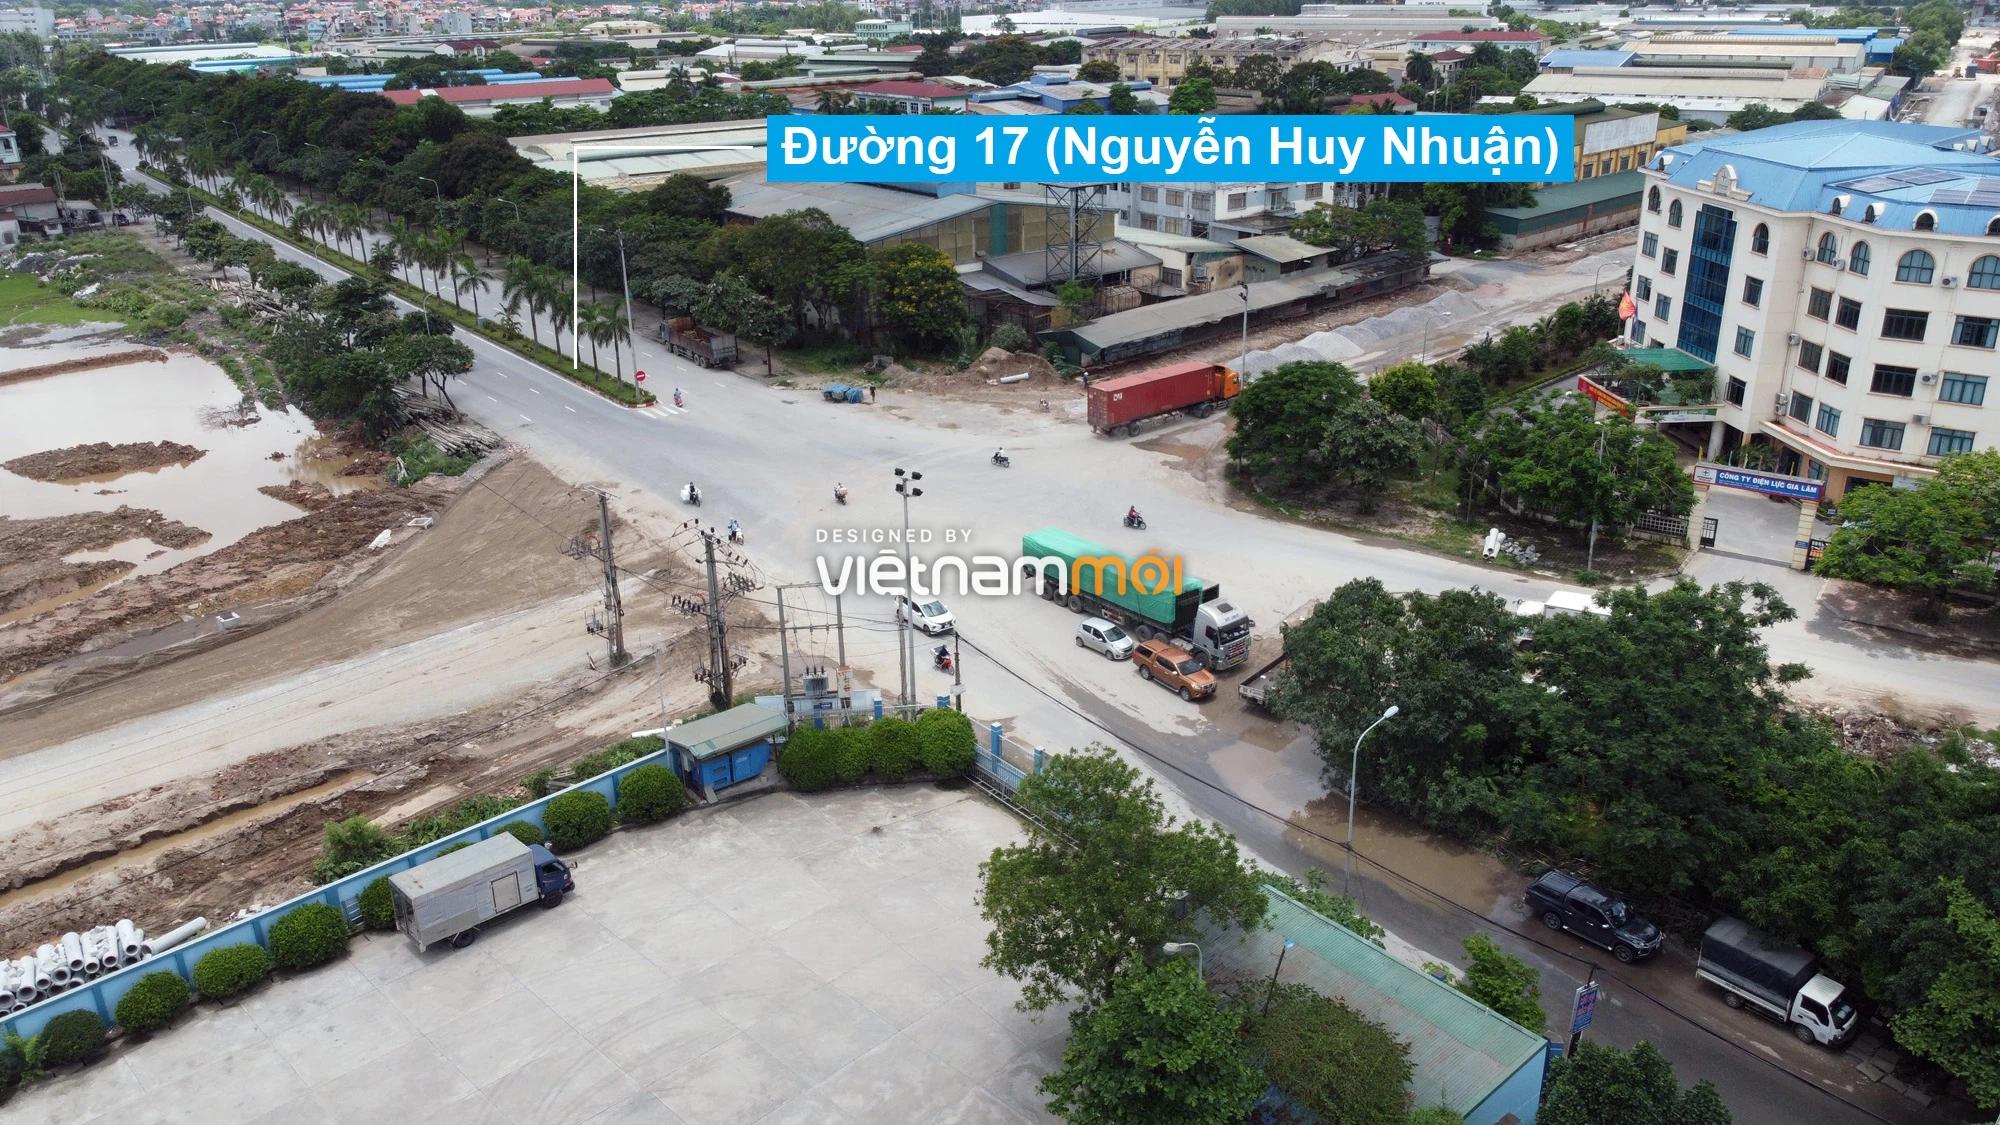 Toàn cảnh tuyến đường từ KĐT Đặng Xá đến chân cầu vượt Phú Thị đang mở theo quy hoạch ở Hà Nội - Ảnh 3.